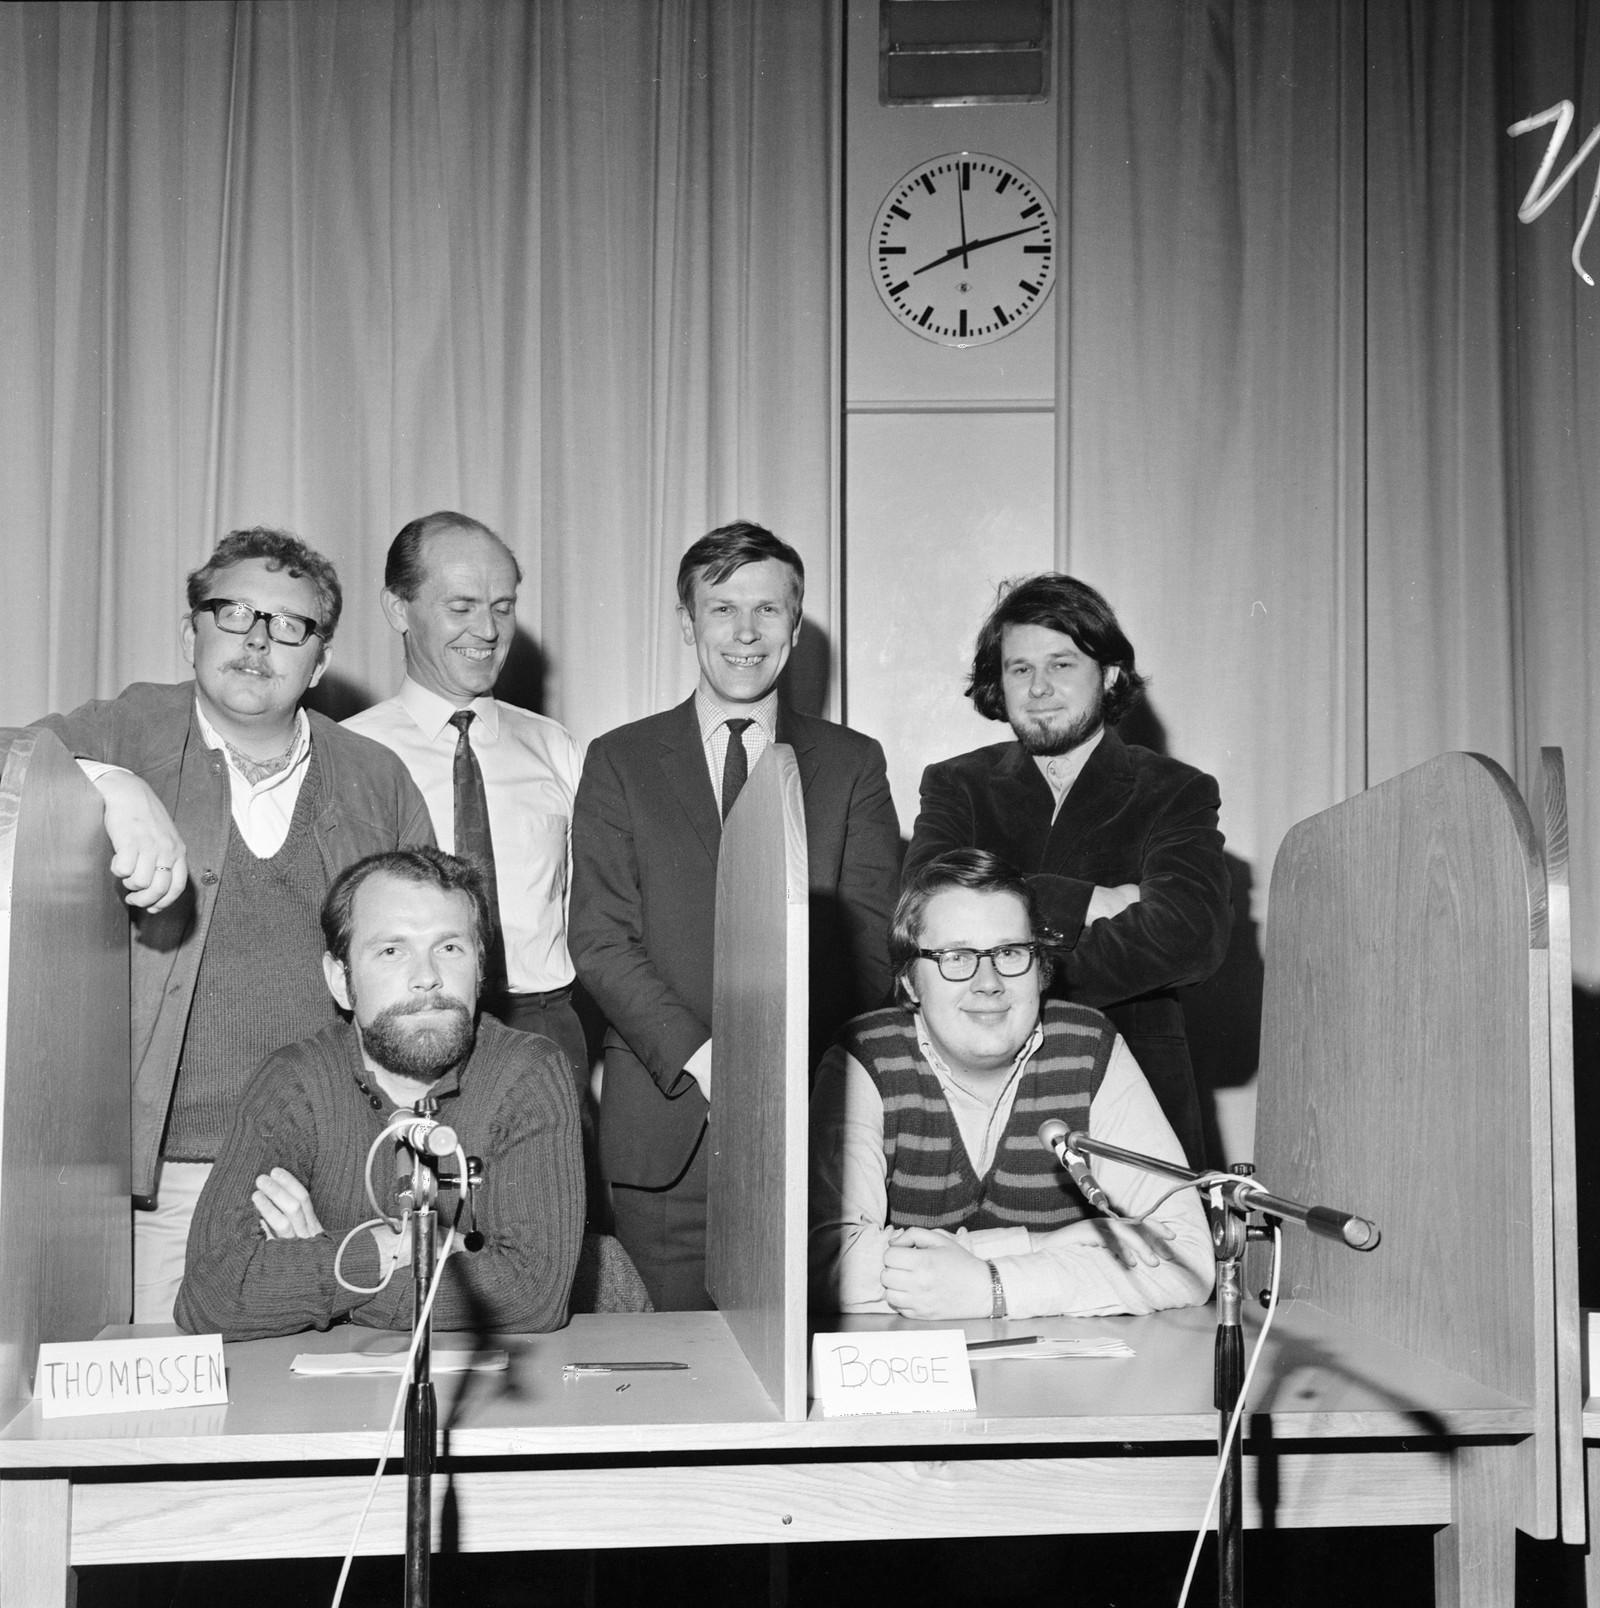 """""""Gjett på jazz"""" 1972 Bjørn Brodahl, Helge Bjørseth, Arne Johnsrud, Arne Bryn. Sittende: Lars Martin Thomassen og Knut Borge Bjørn Brodahl, Helge Bjørseth, Arne Johnsrud, Arne Bryn. Sittende: Lars Martin Thomassen og Knut Borge"""